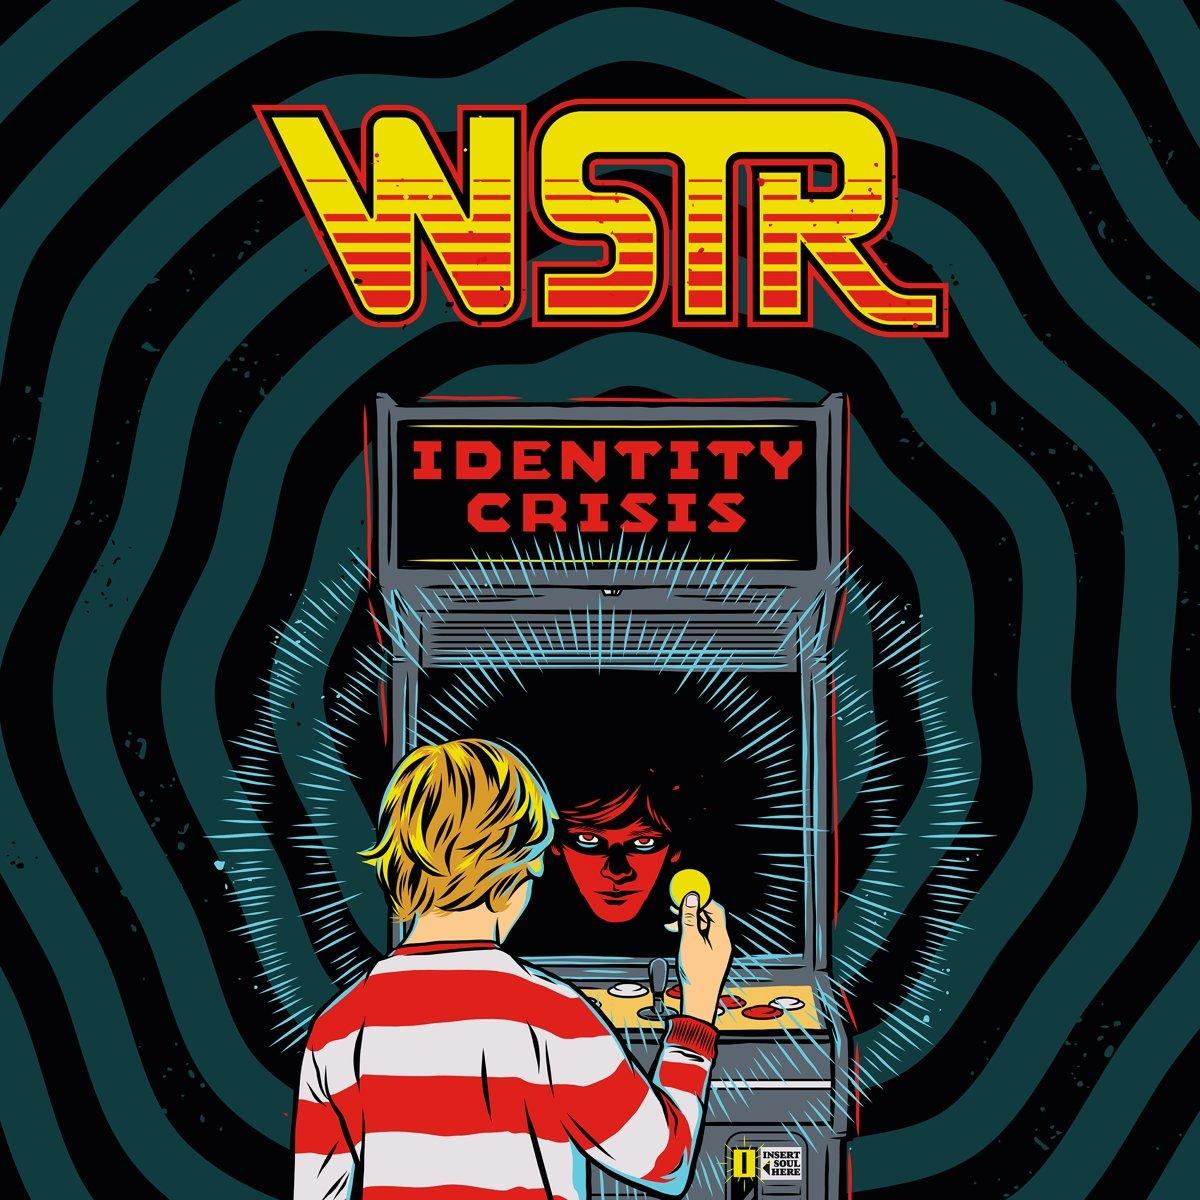 Identity Crisis [Vinilo]